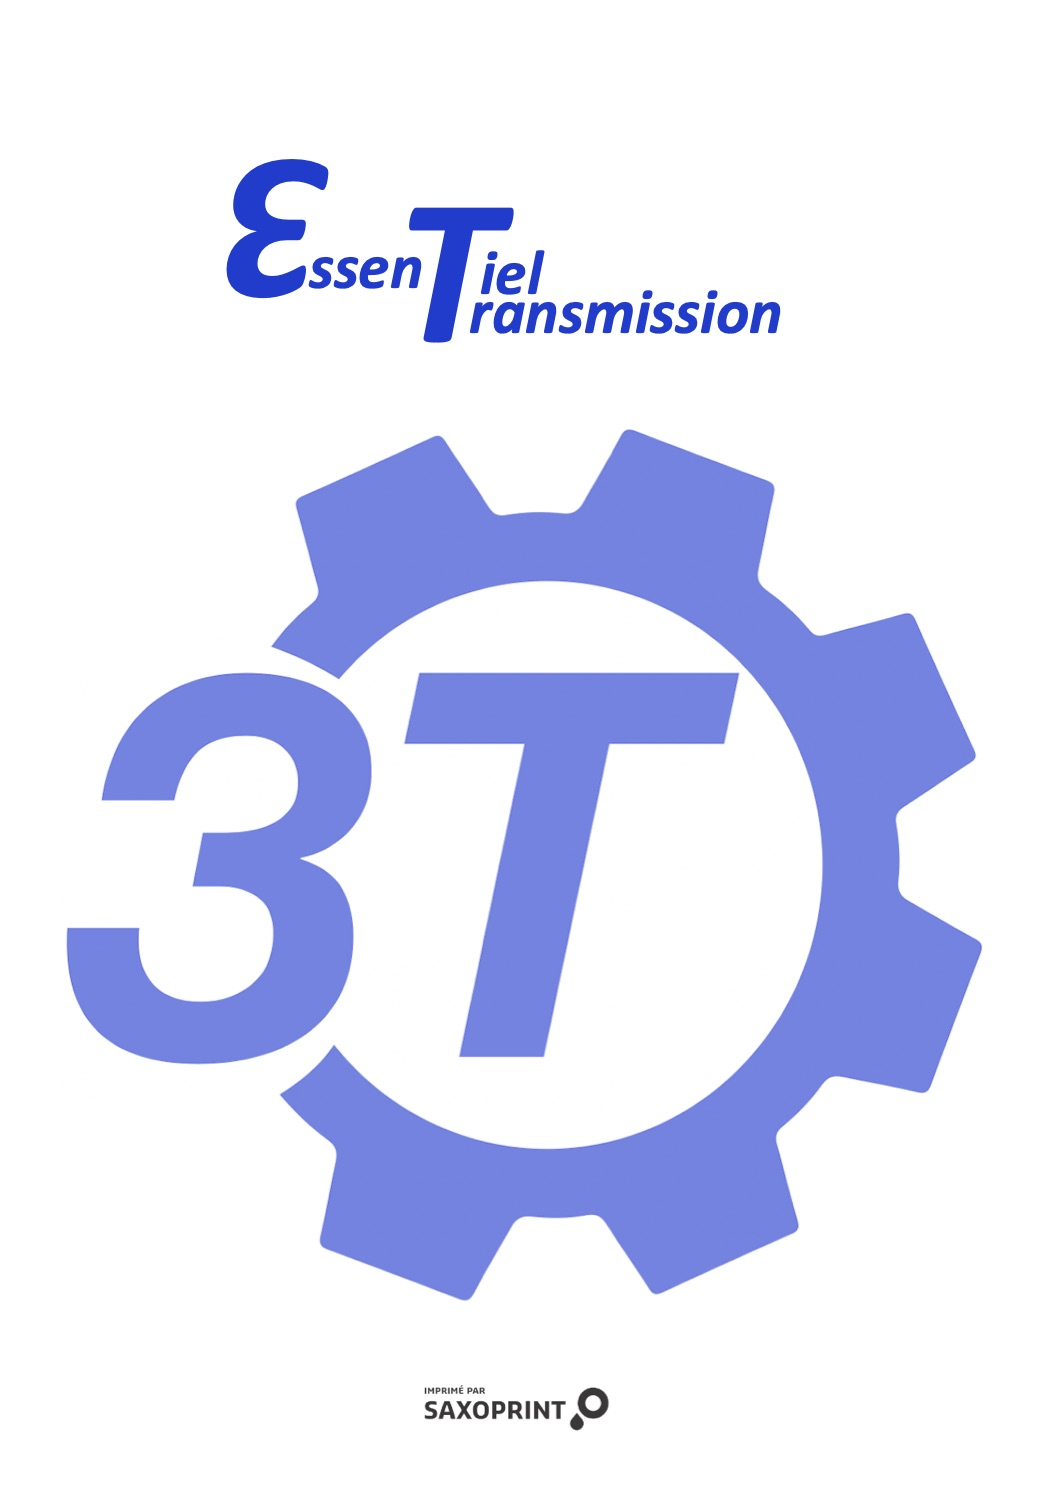 3Transmissions | Catalogue Transmission Composants Transmission Mécanique, l'Essentiel de la Transmission pour des solutions à presque toutes les applications de transmission